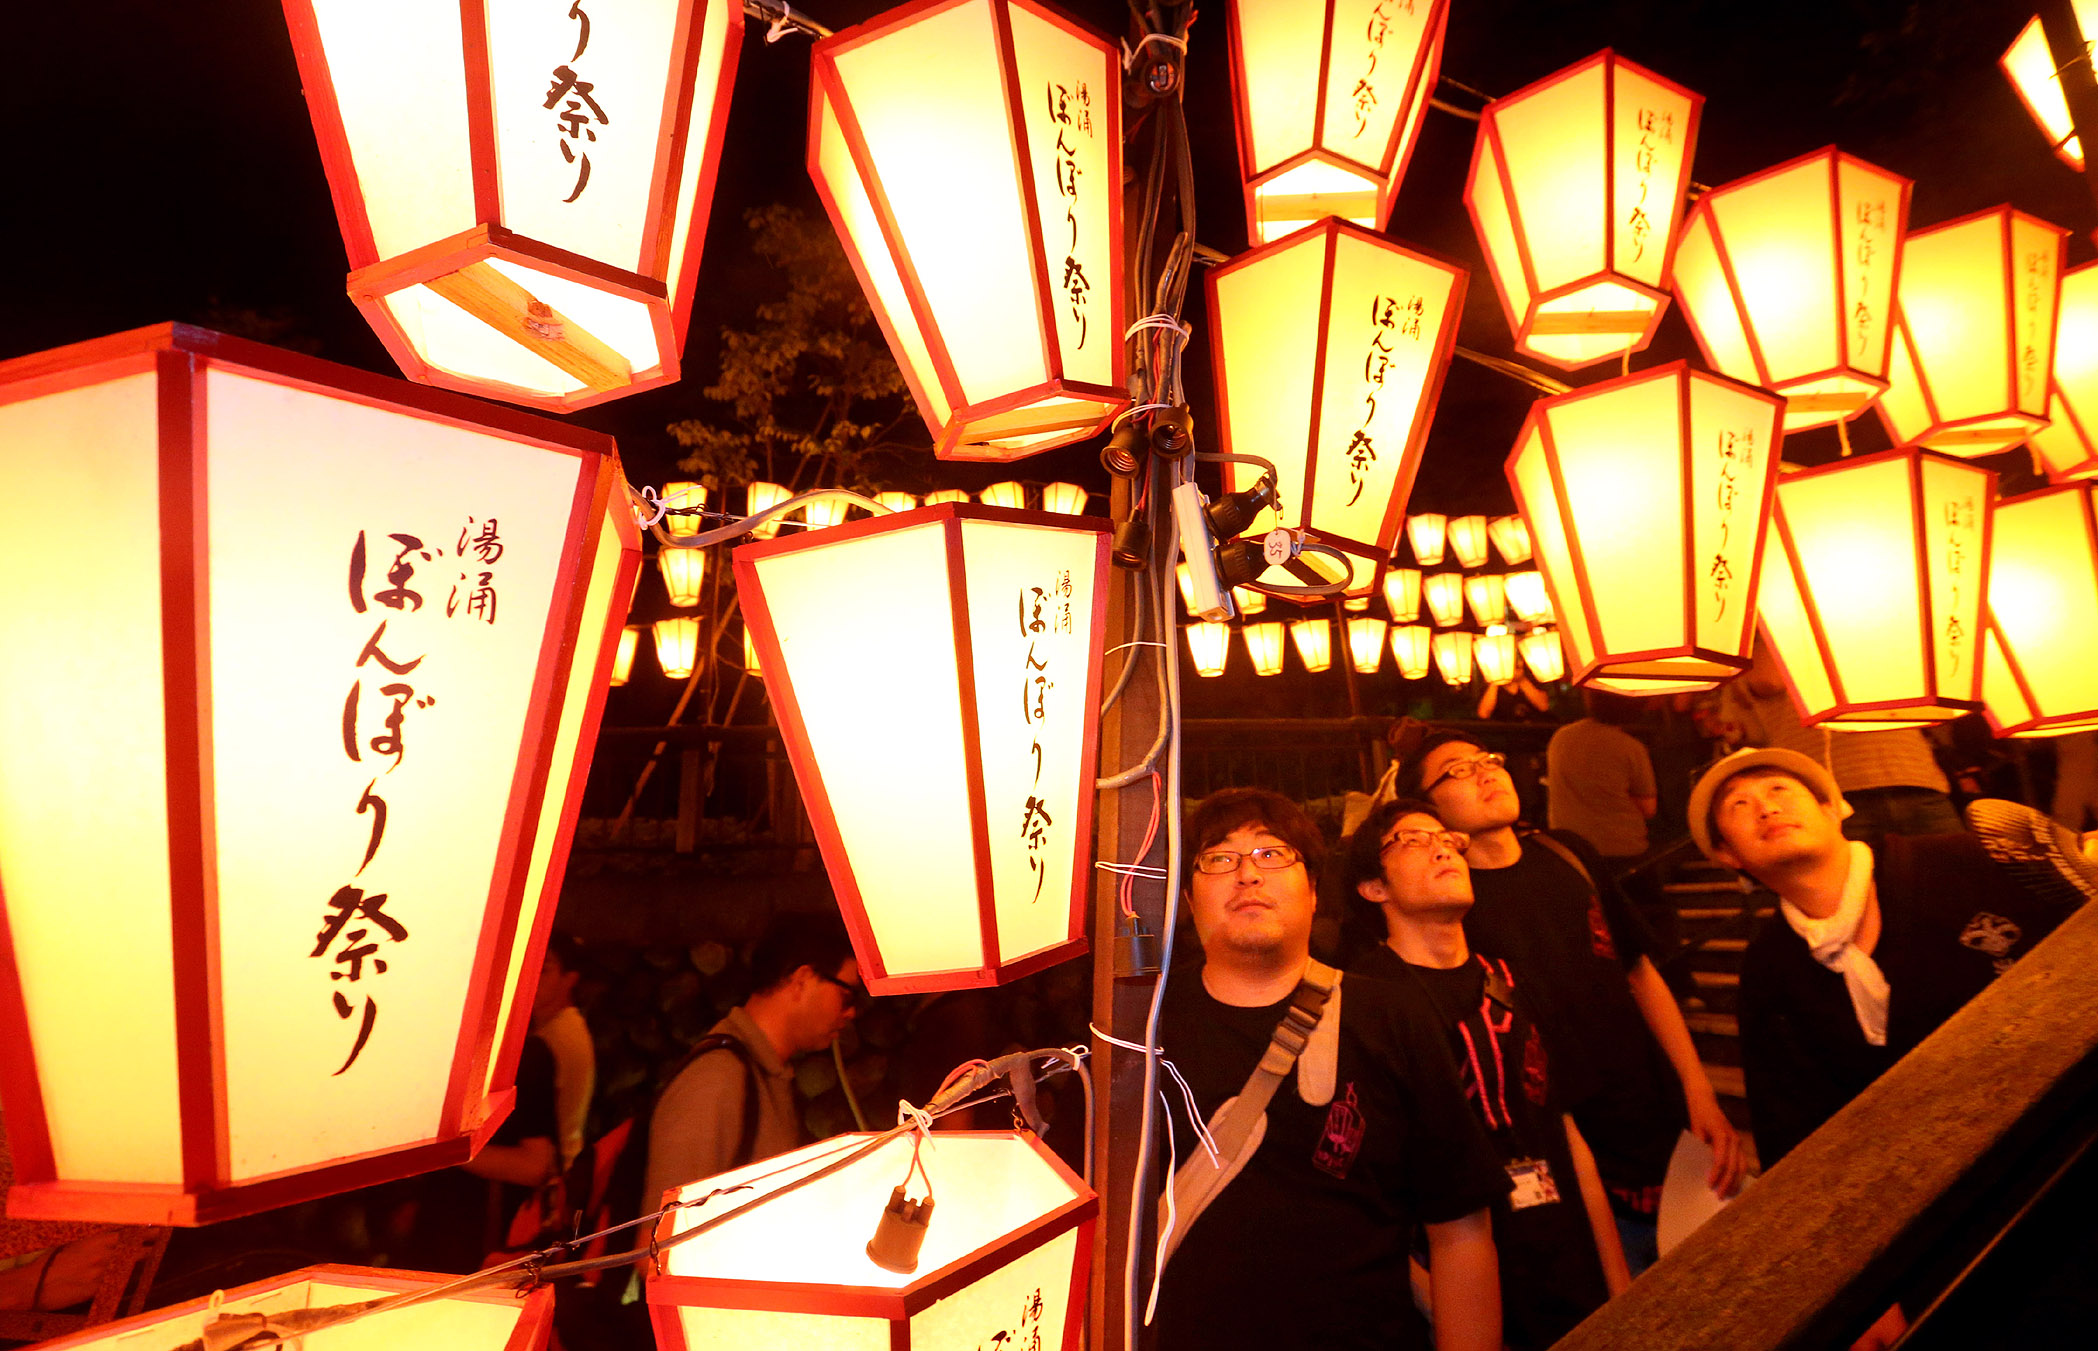 ぼんぼりで幻想的に照らされた温泉街=金沢市の湯涌温泉